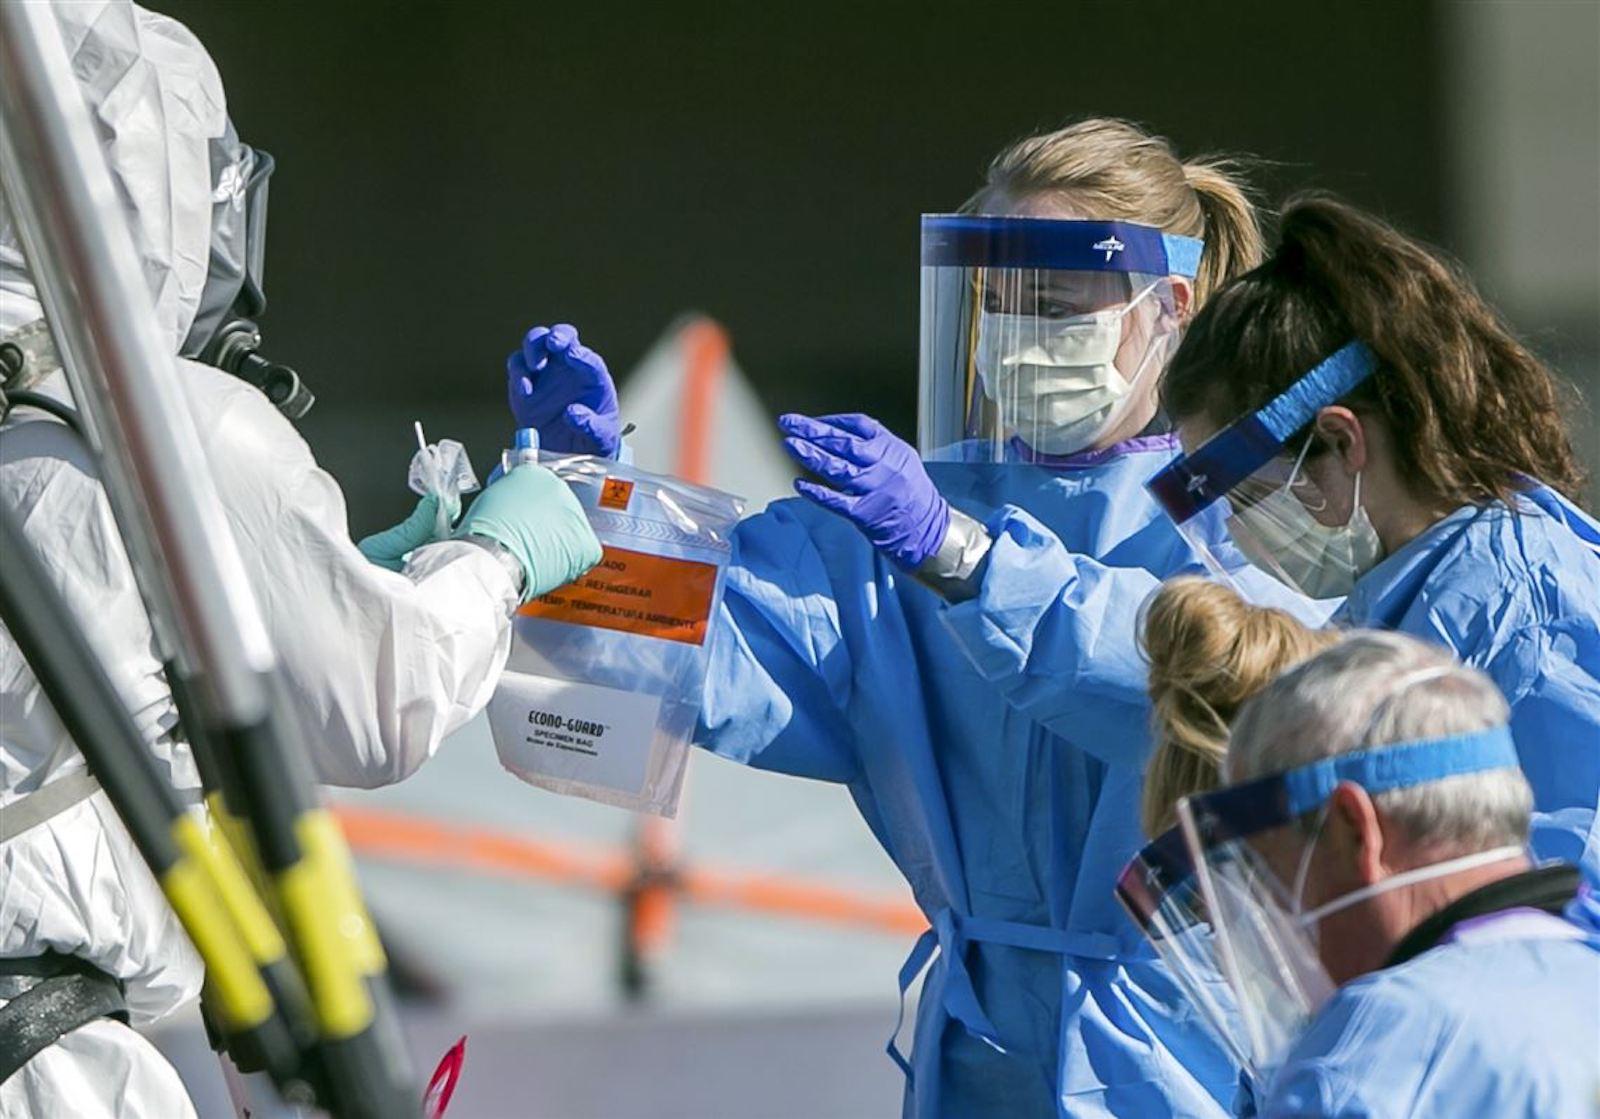 Chinese Virologist: China 'Intentionally' Released Virus